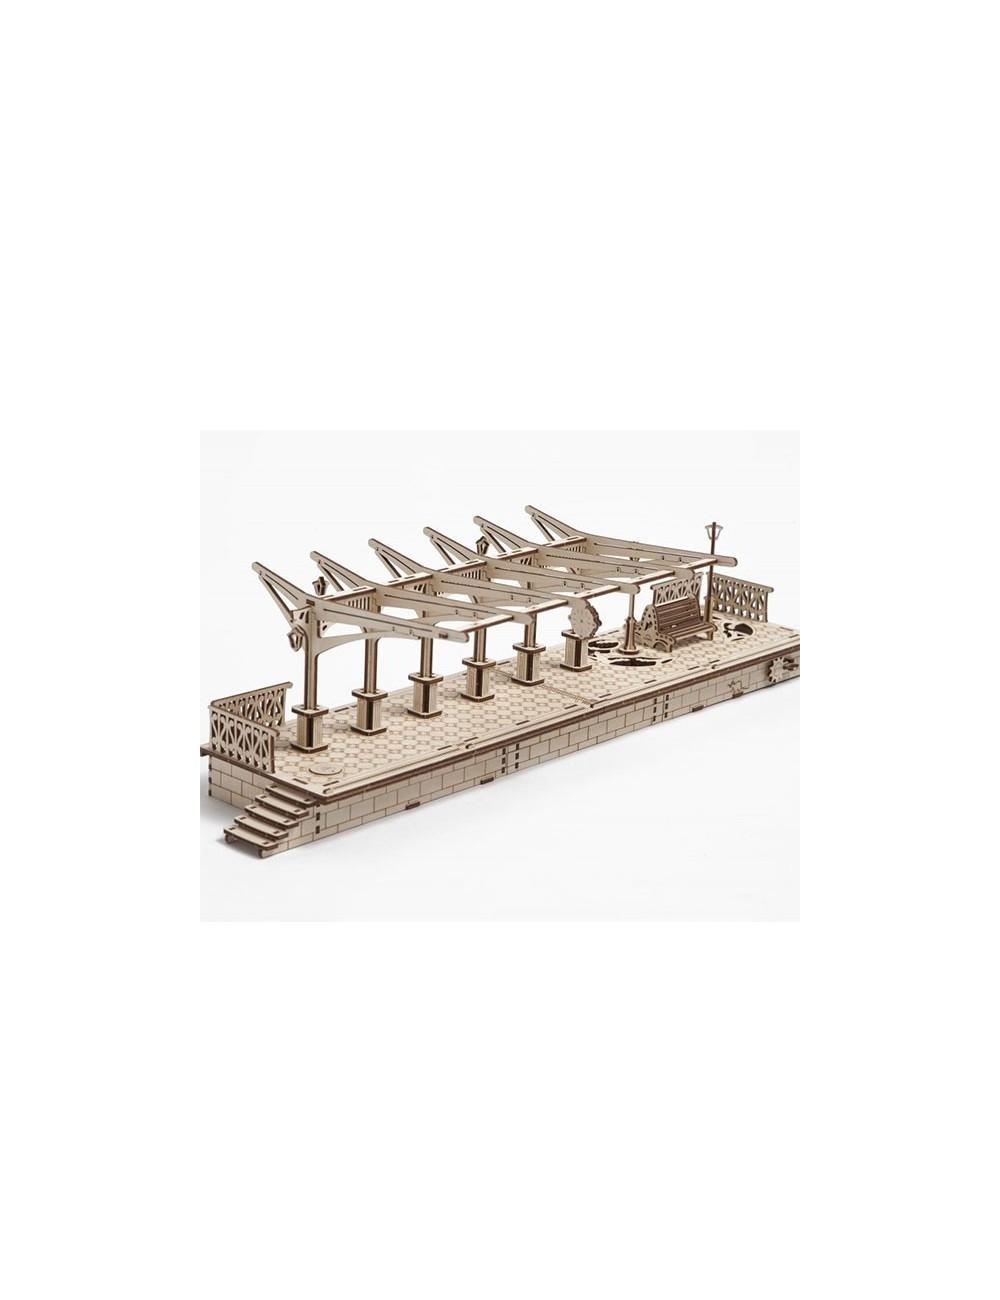 Locomotora de vapor con Andén y Raíles